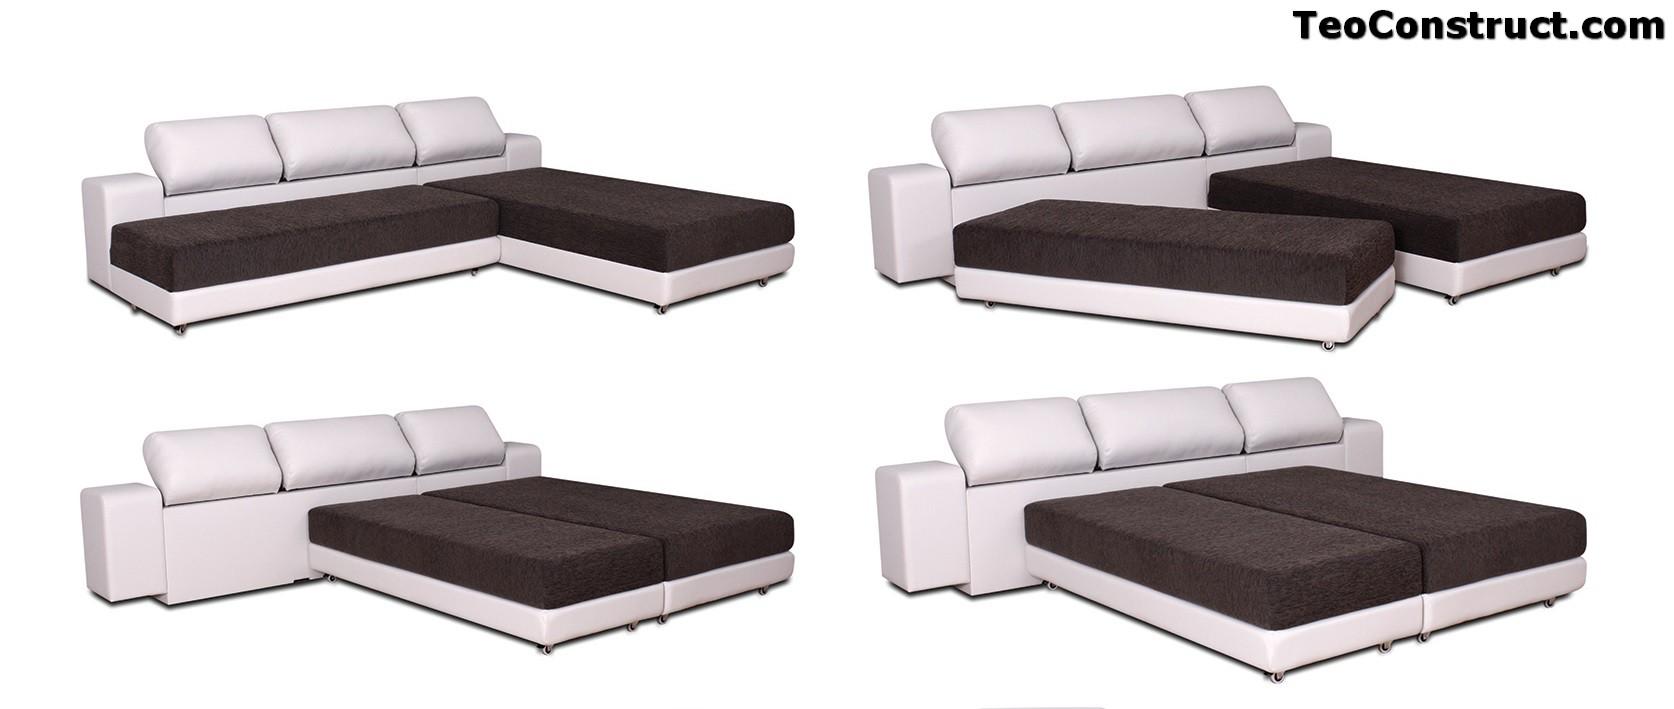 Canapea de calitate Flex02